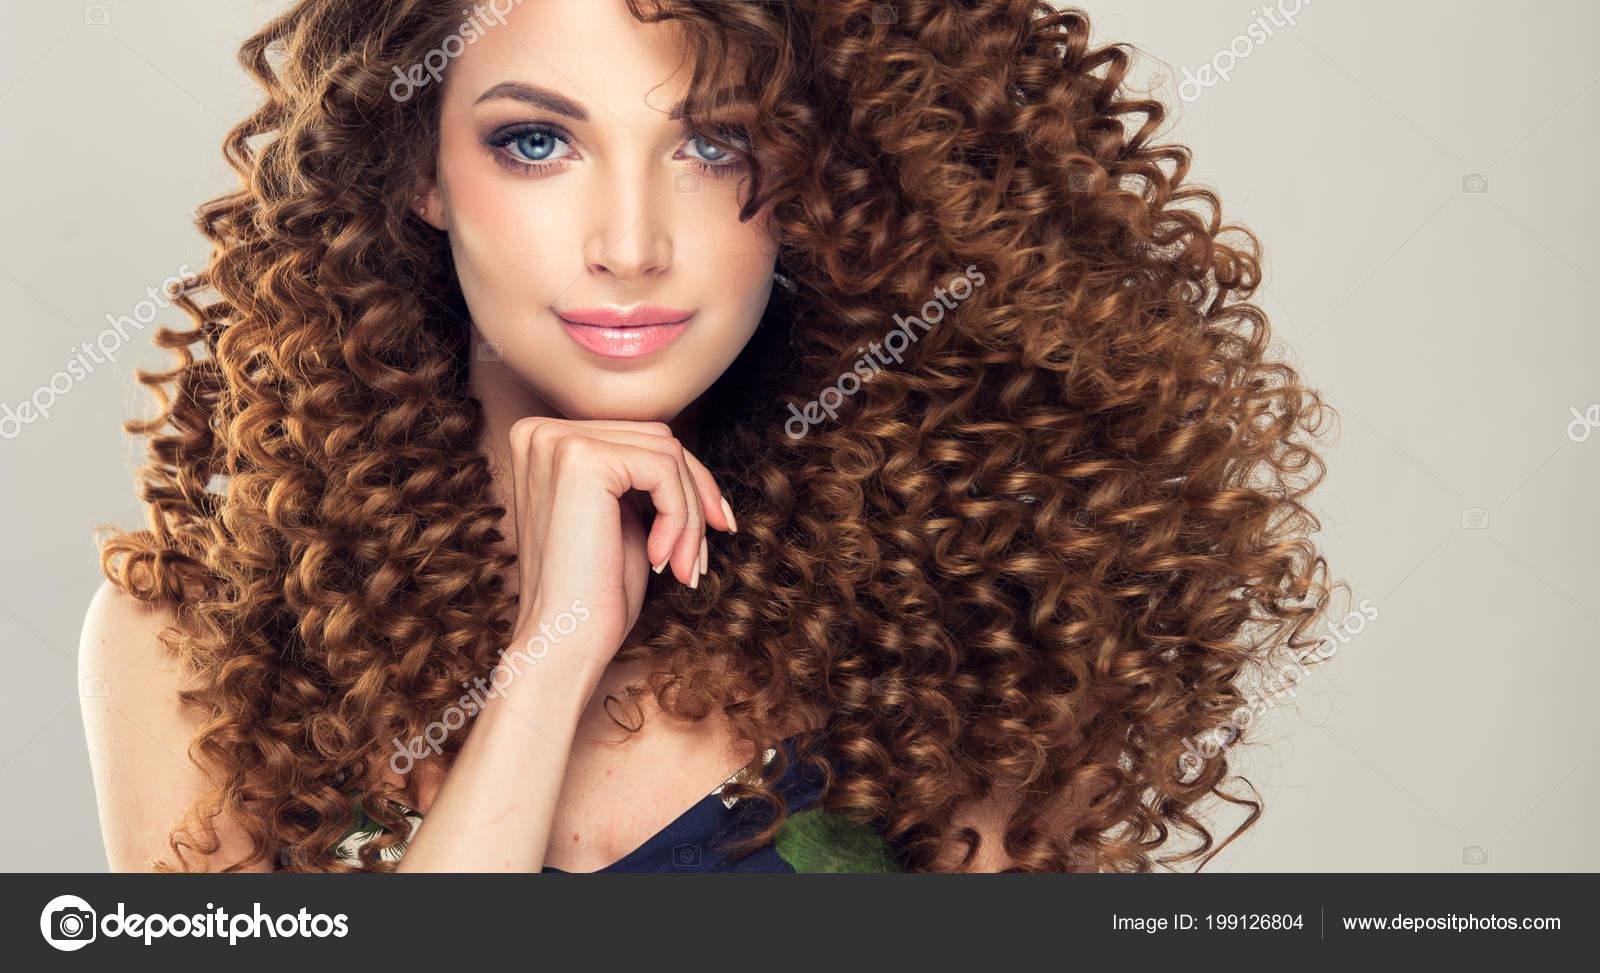 Modella con capelli ricci